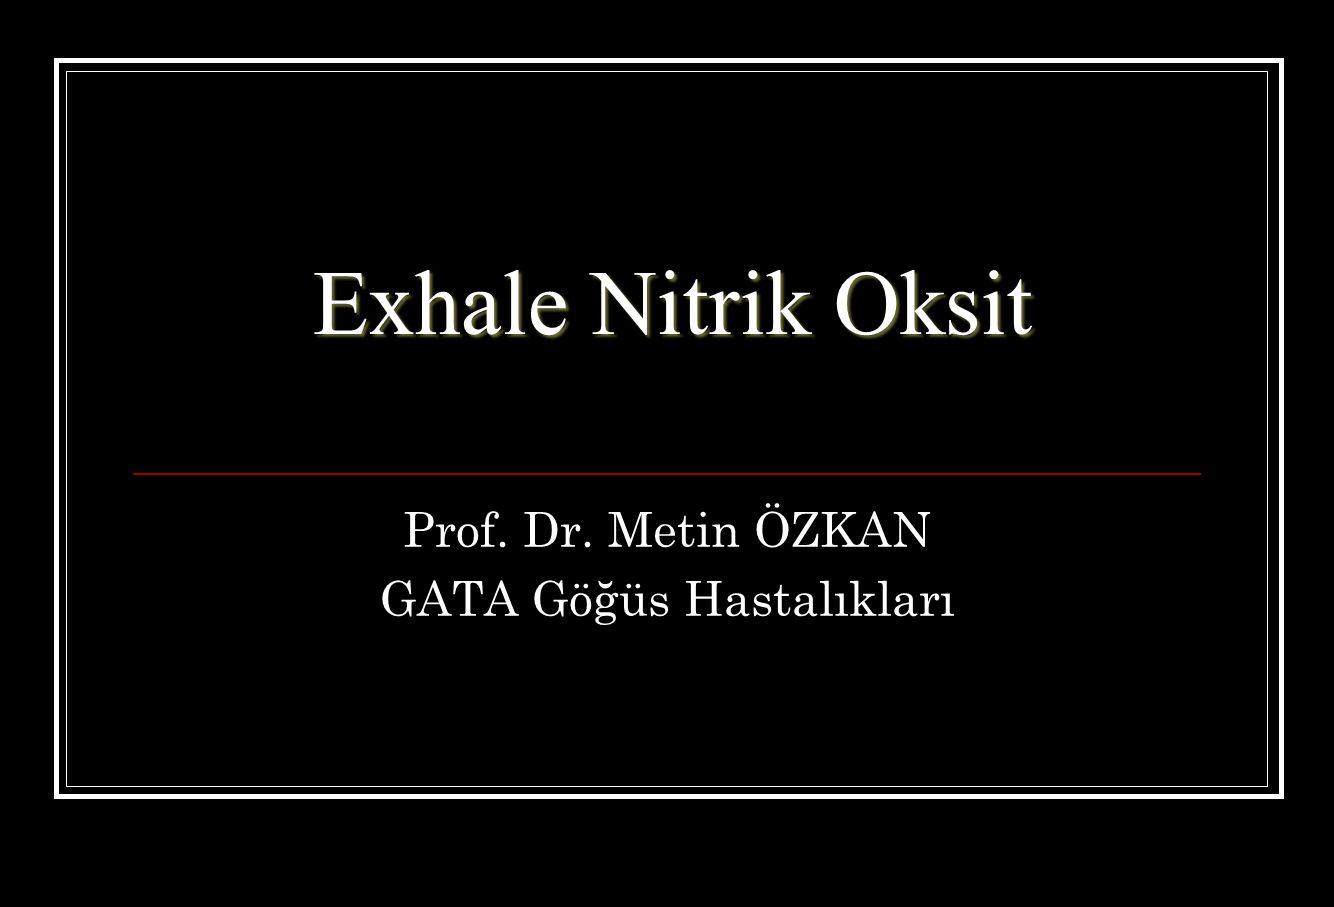 Prof. Dr. Metin ÖZKAN GATA Göğüs Hastalıkları